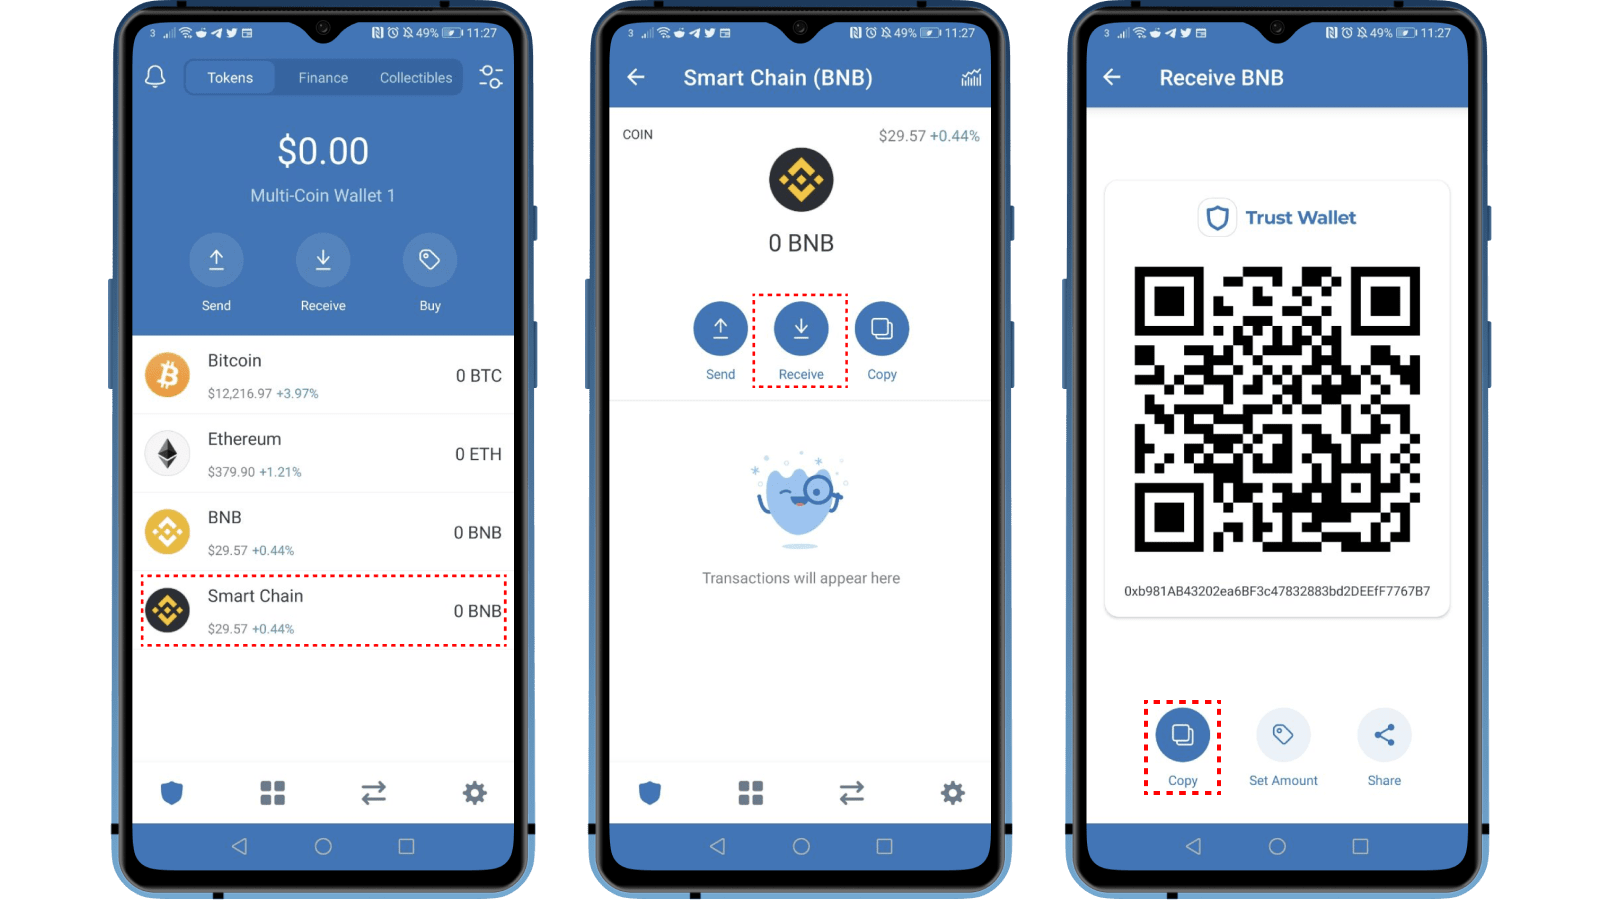 Smart Chain Trust Wallet